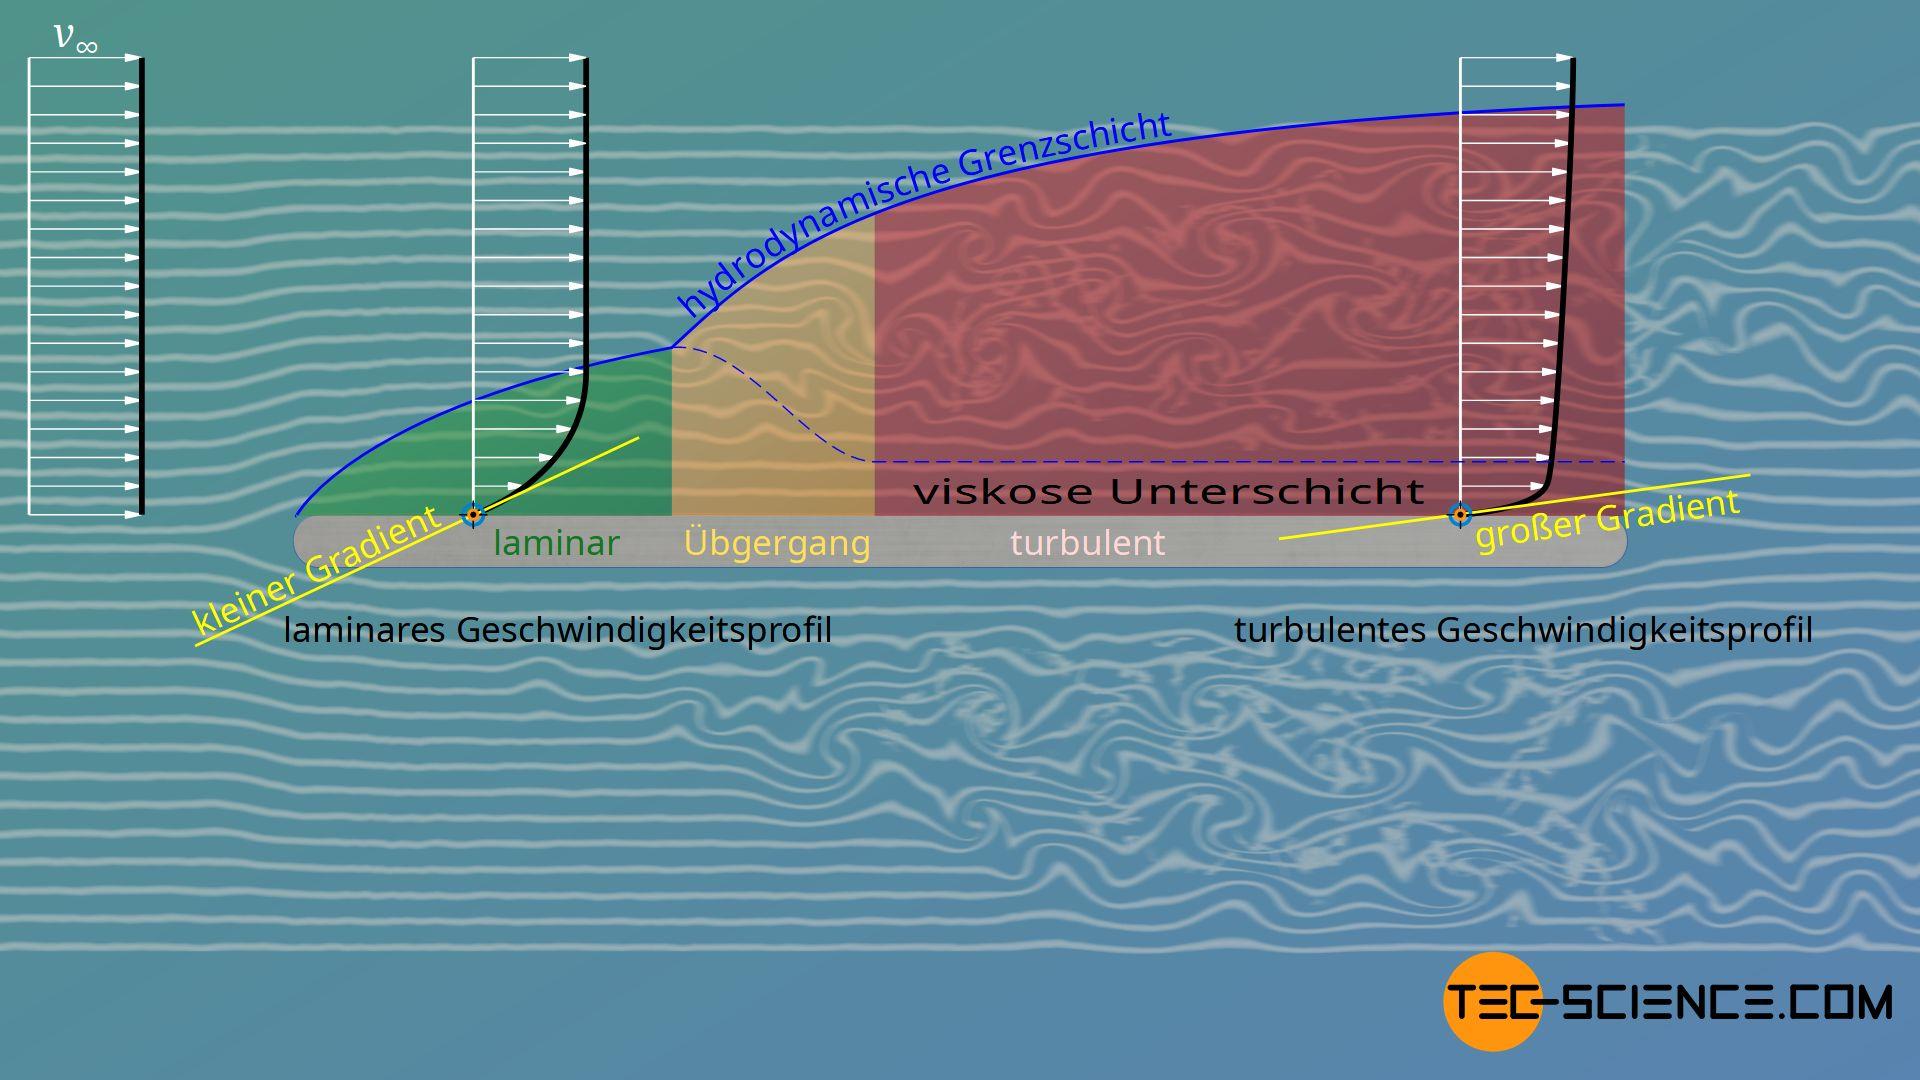 Geschwindigkeitsgradienten in einer laminaren und turbulenten Grenzschicht